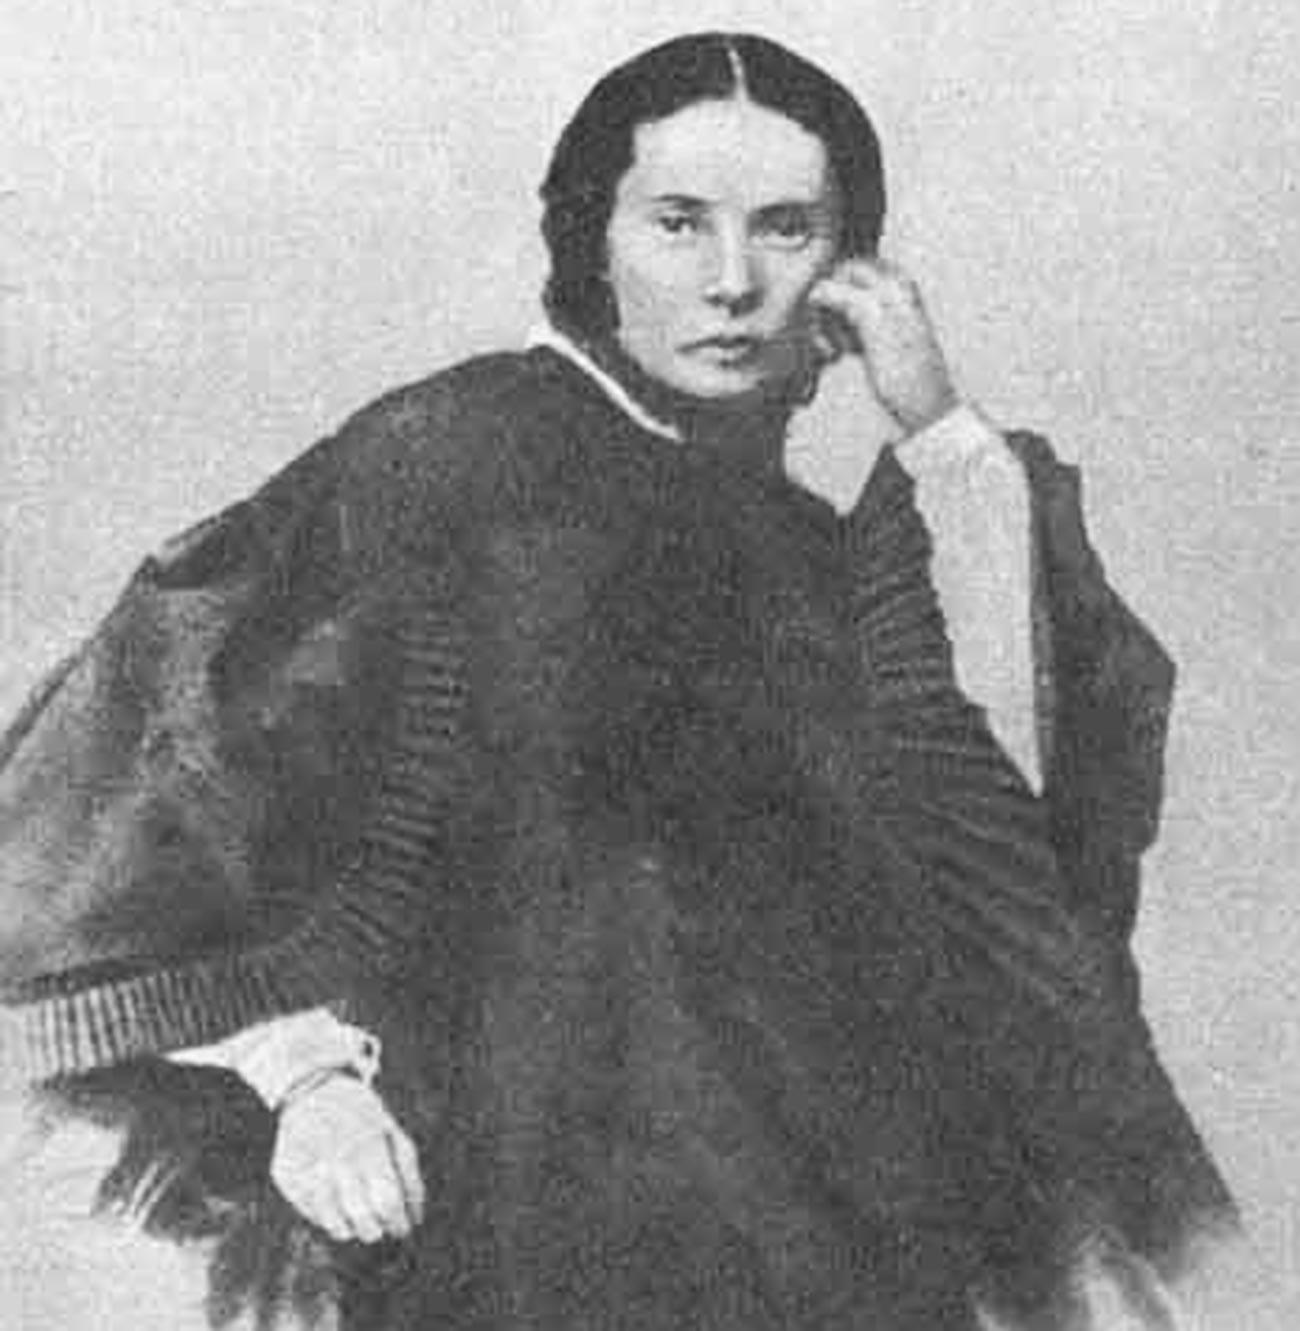 Maria Dostoevskaya